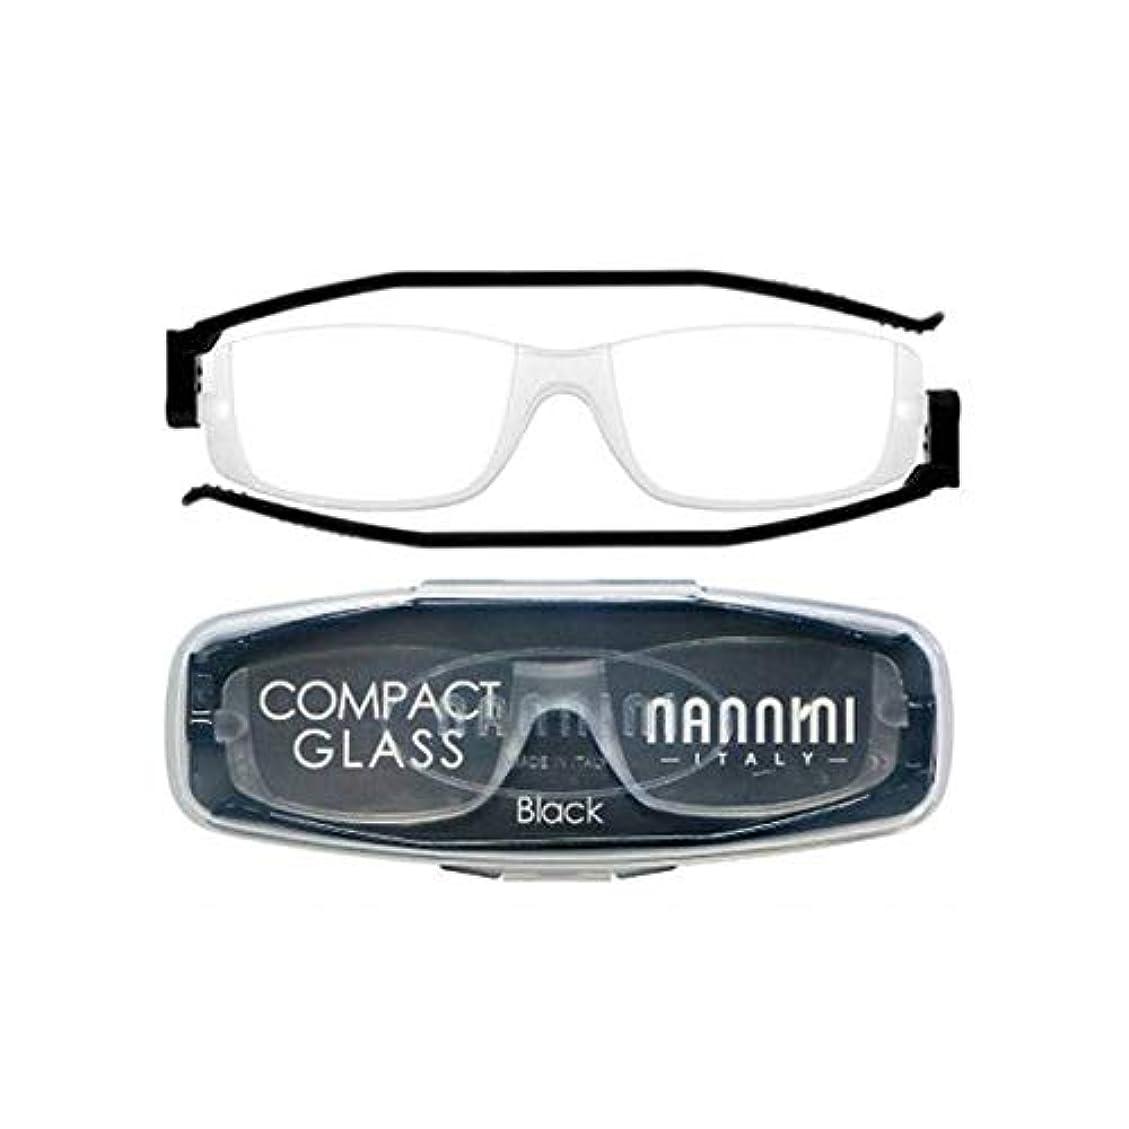 老眼鏡 コンパクトグラス2 nannini リーディンググラス 男性用 女性用 メンズ レディース シニアグラス 全12色(+2.50,ブラック)